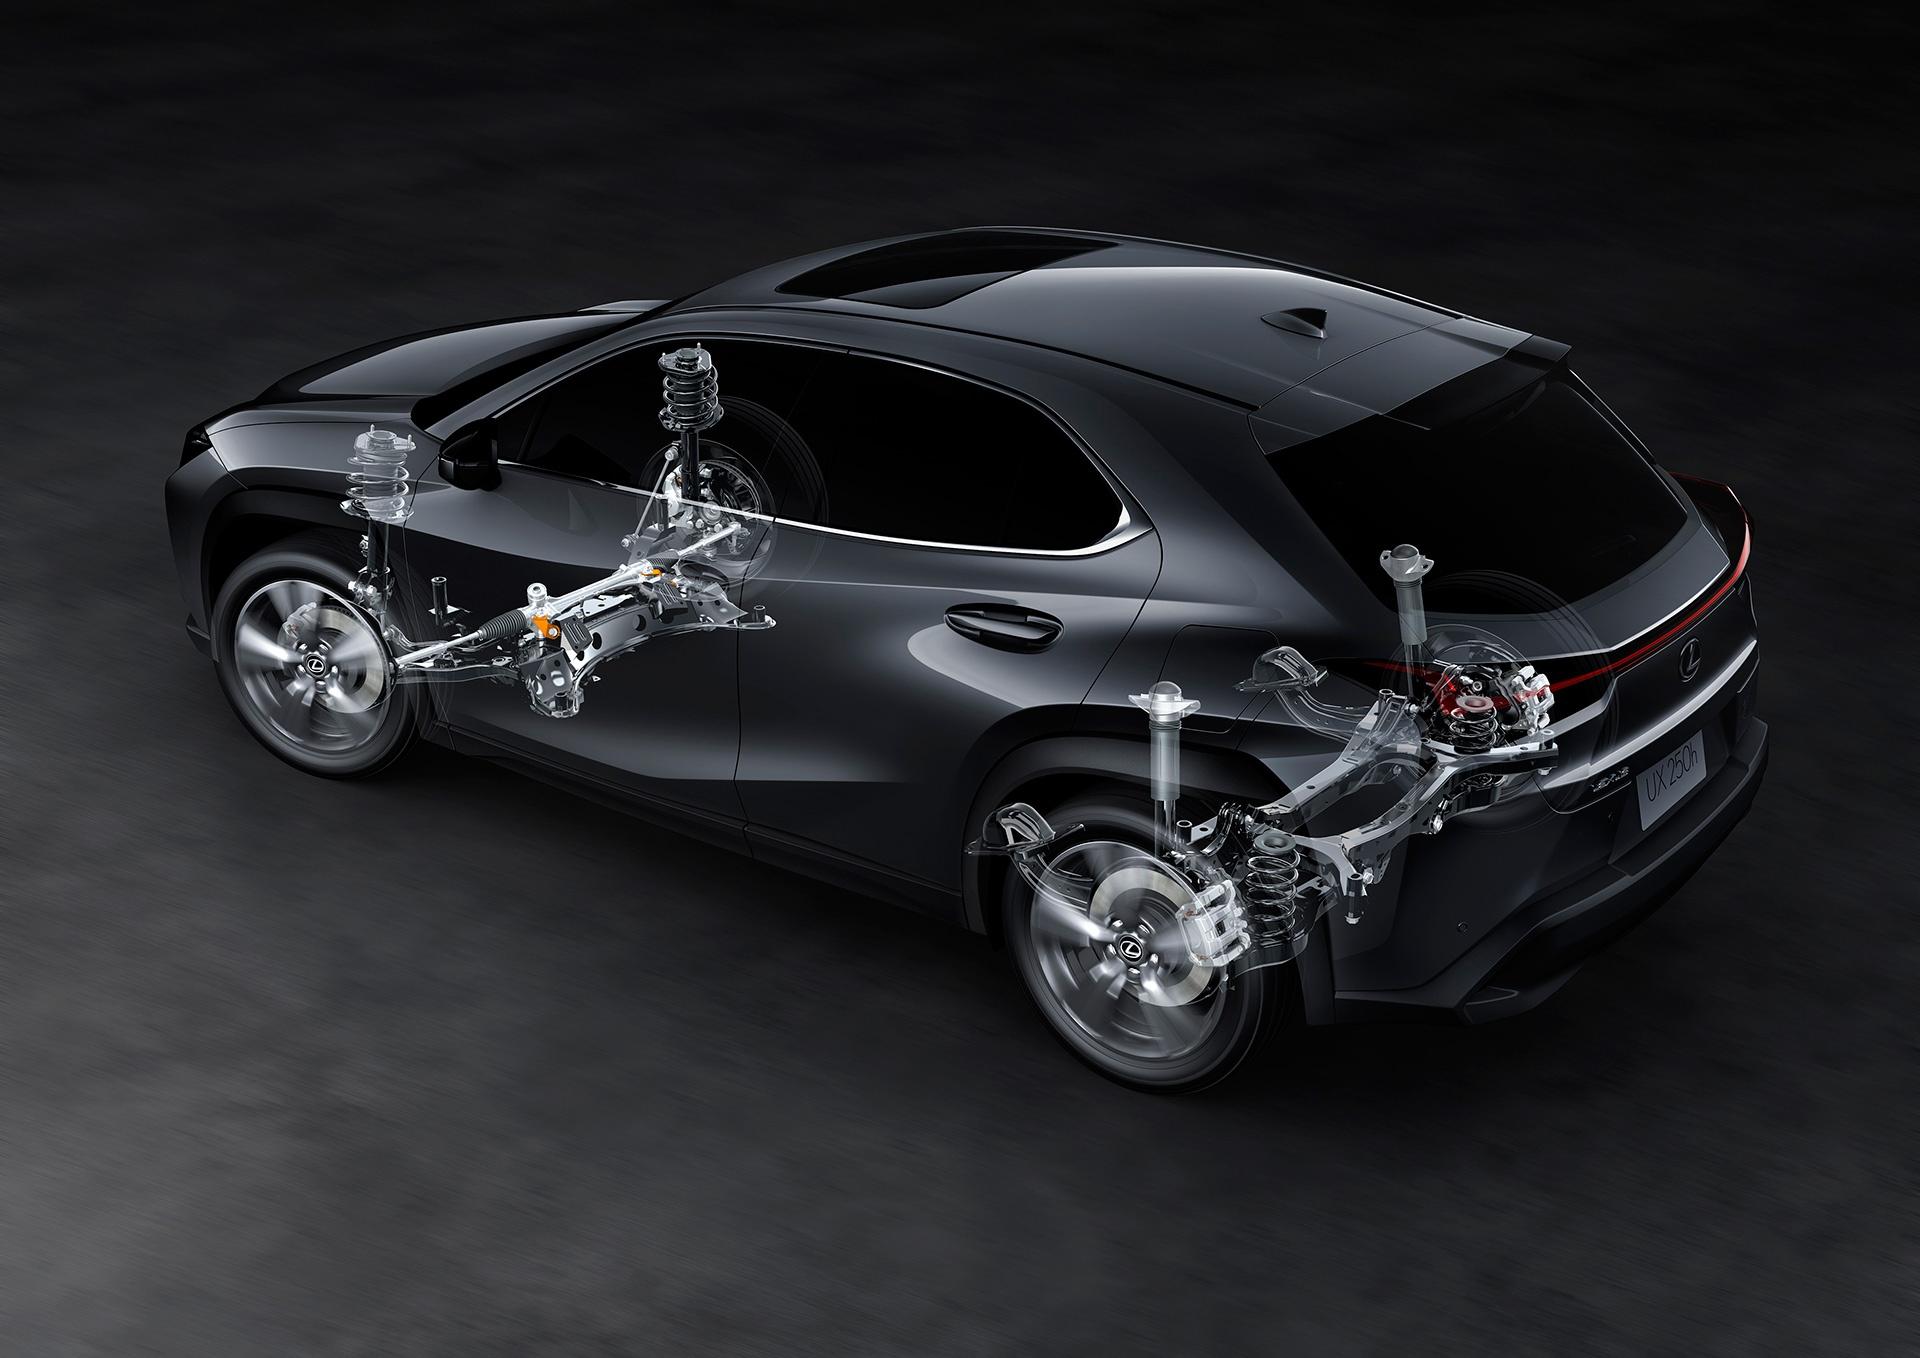 UX 300e - xe dien dau tien cua Lexus ra mat the gioi hinh anh 30